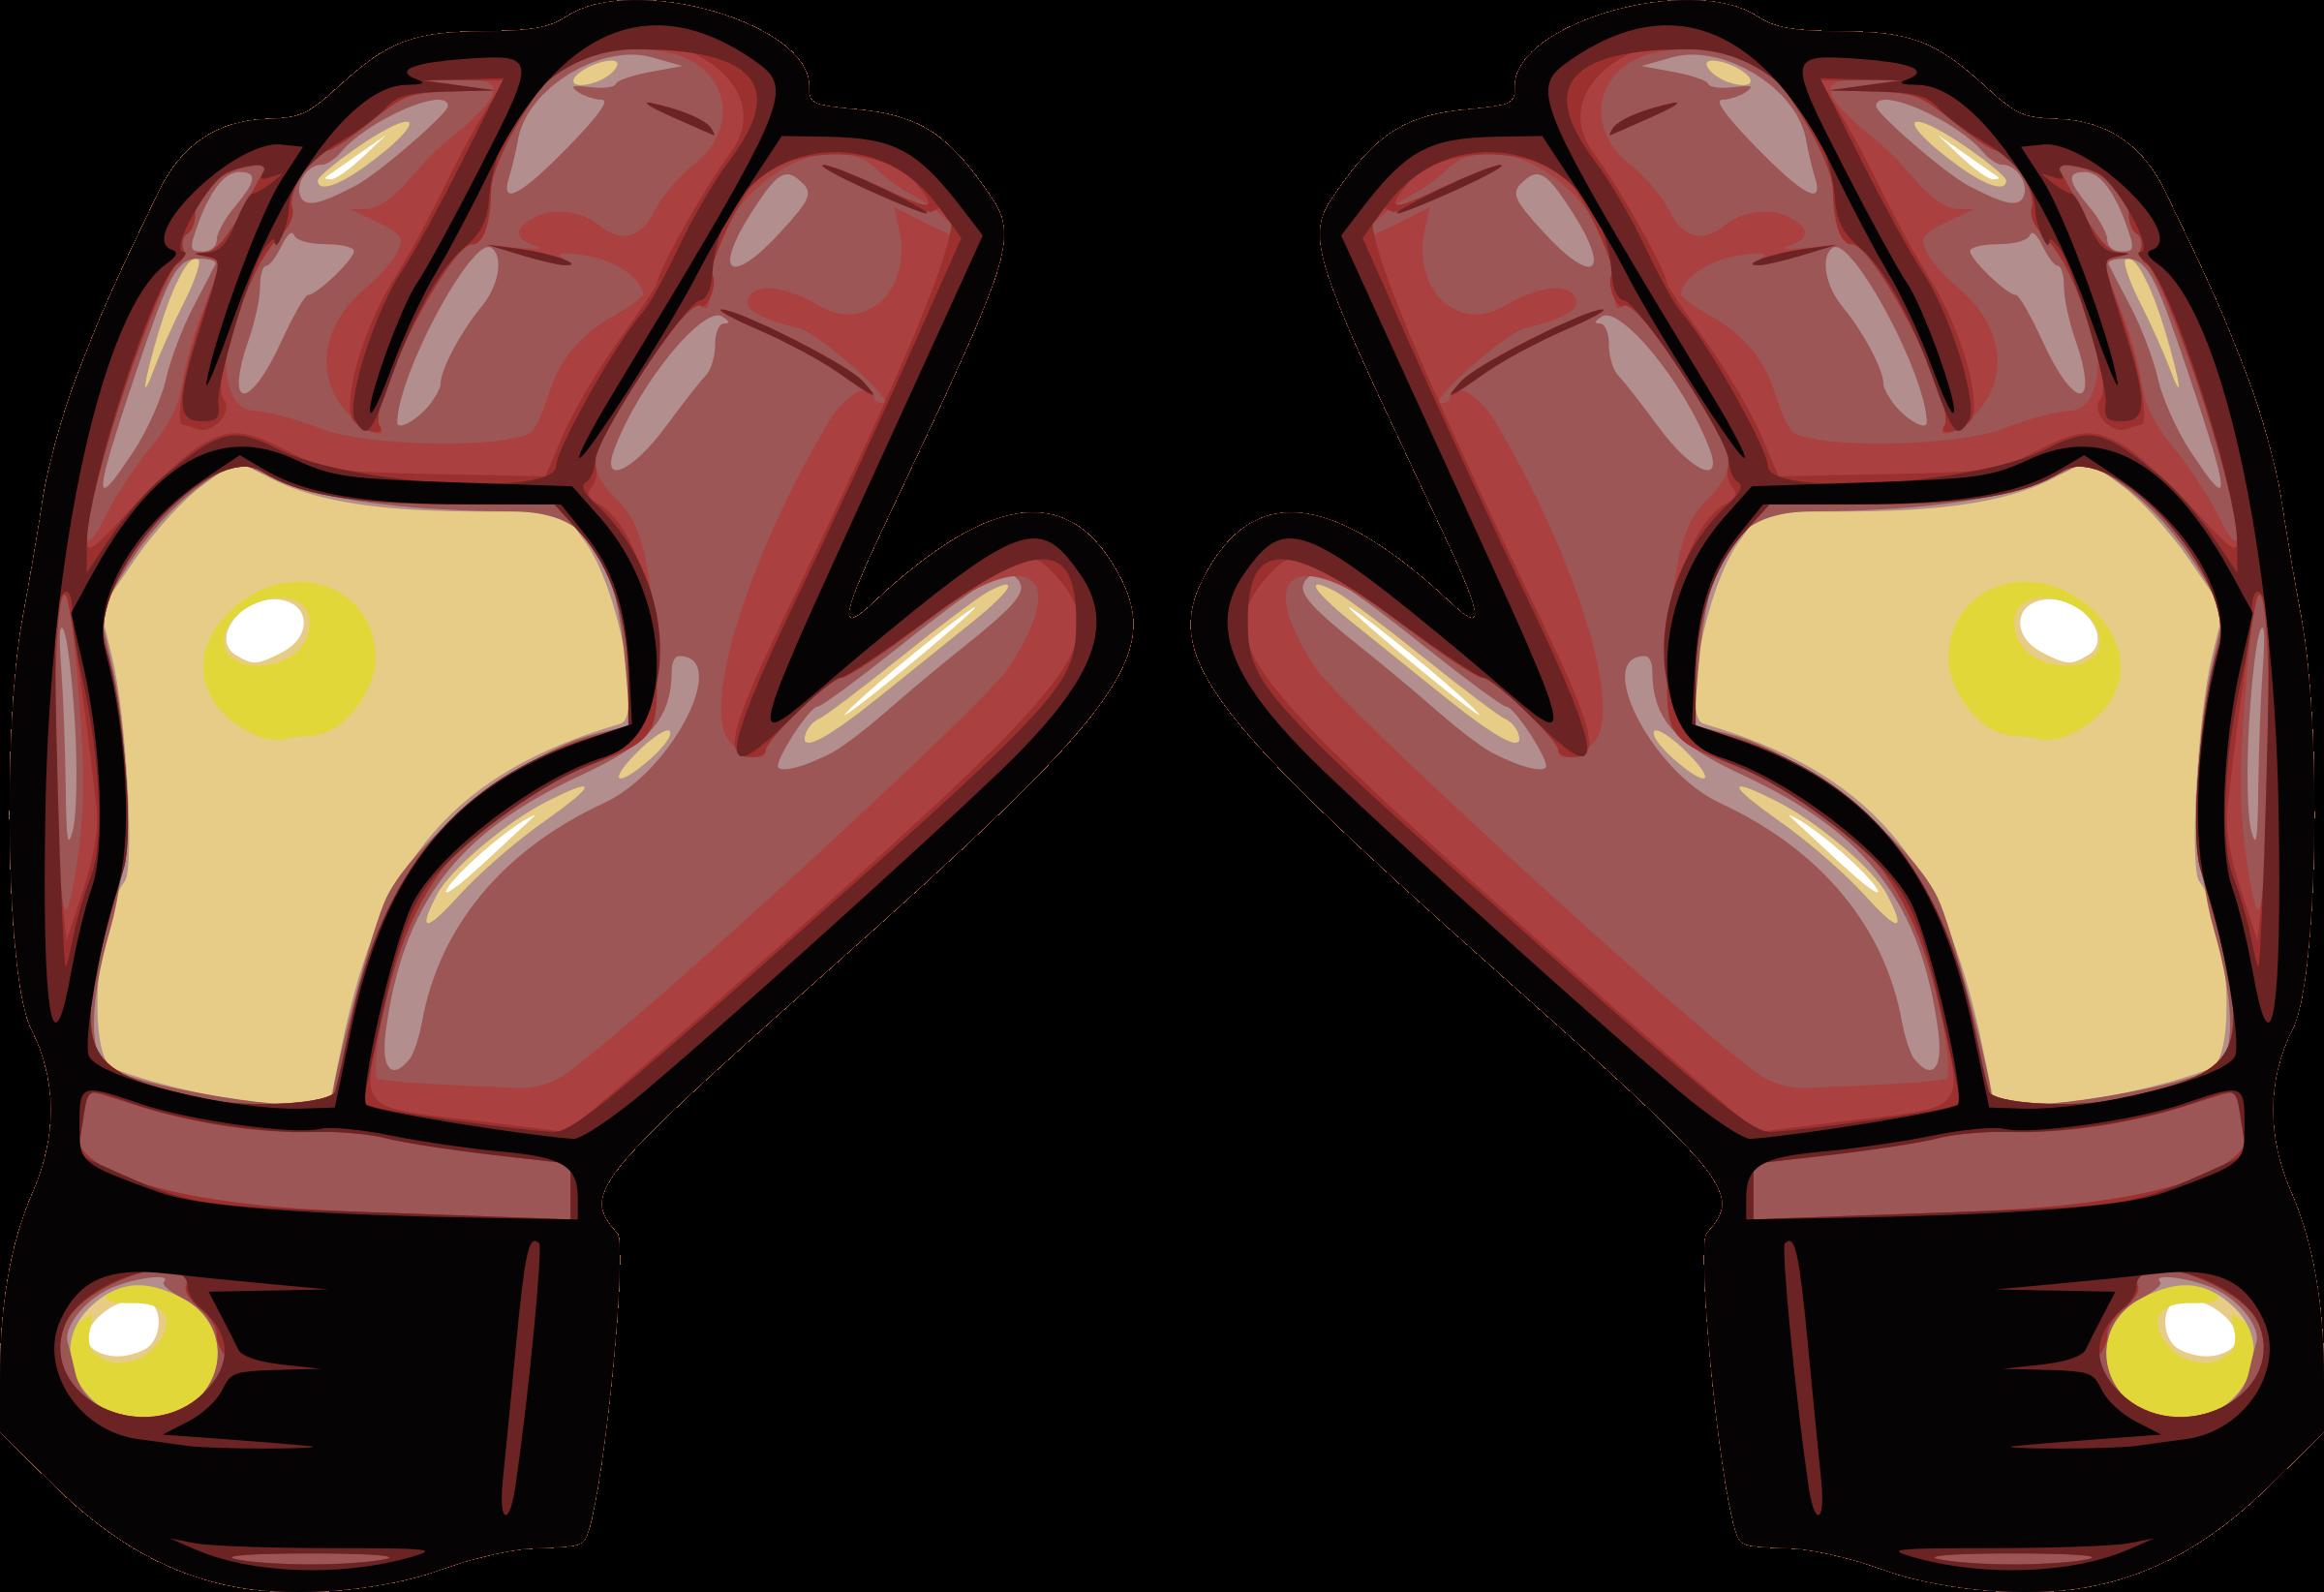 Goalie gloves clipart clip art freeuse Gloves Clipart Soccer Glove - Goalie Gloves Clip Art , Transparent ... clip art freeuse